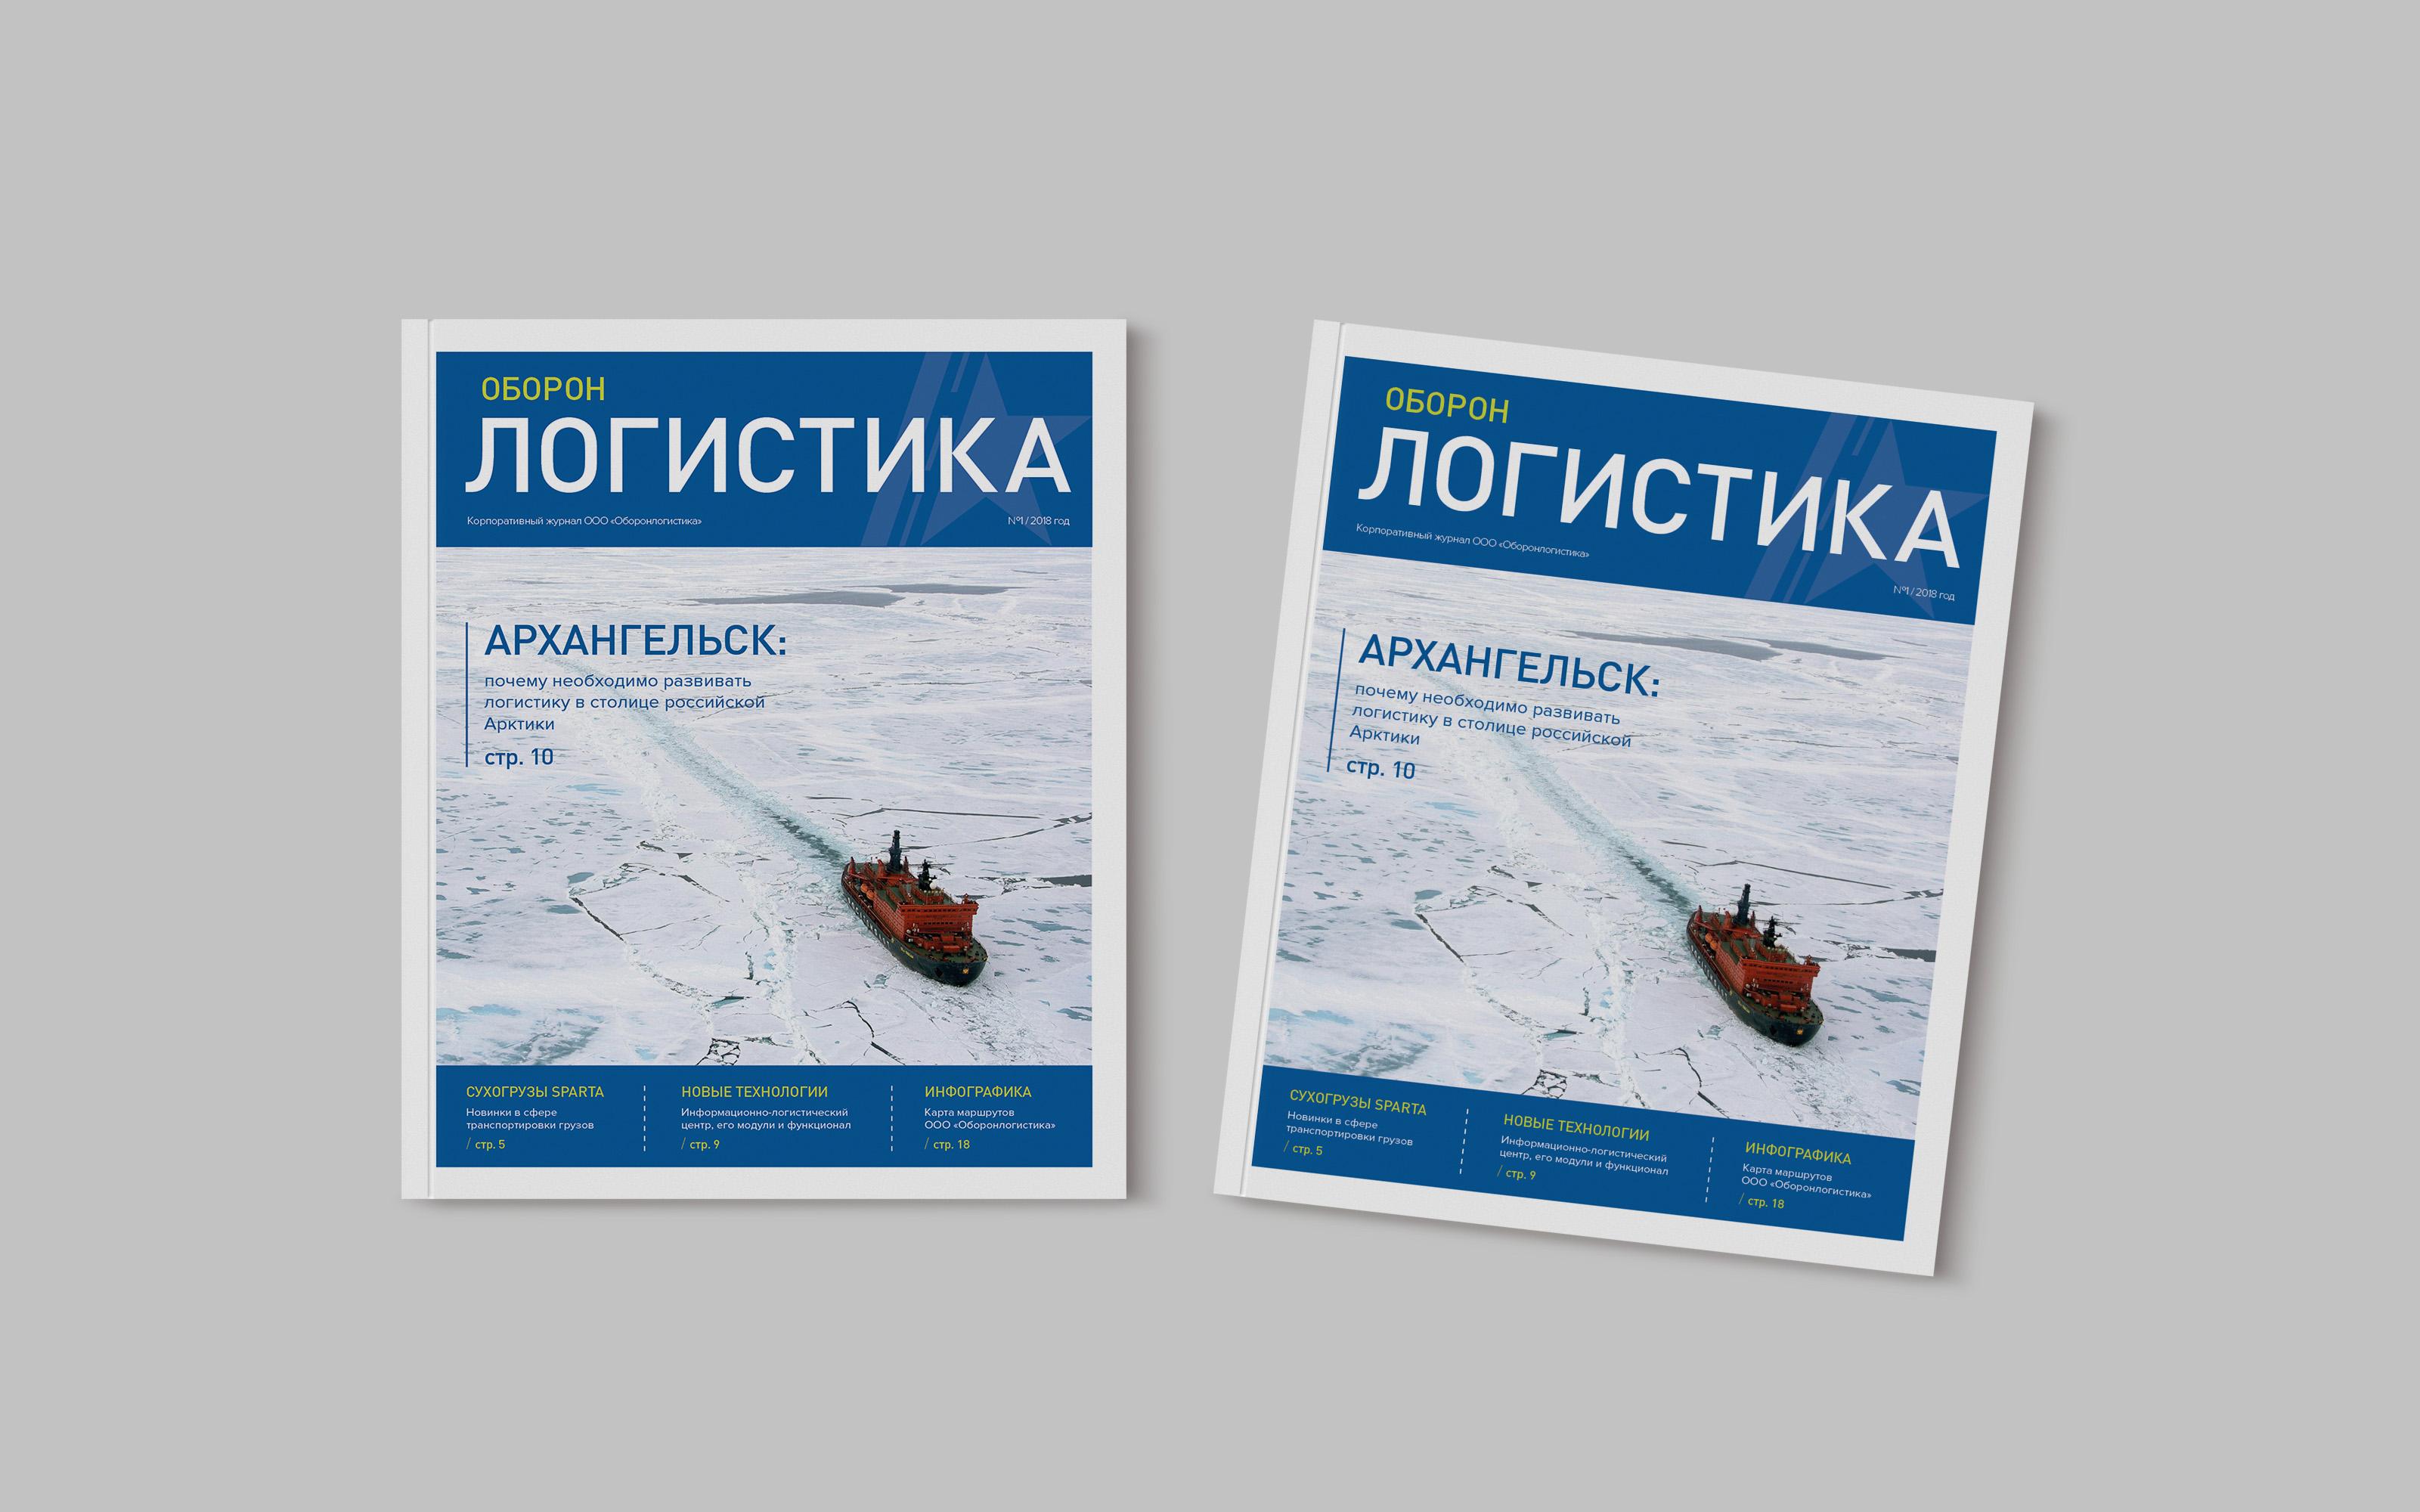 Разработка дизайна издания и создание шаблона для верстки фото f_7635aa02d9b39fb5.jpg